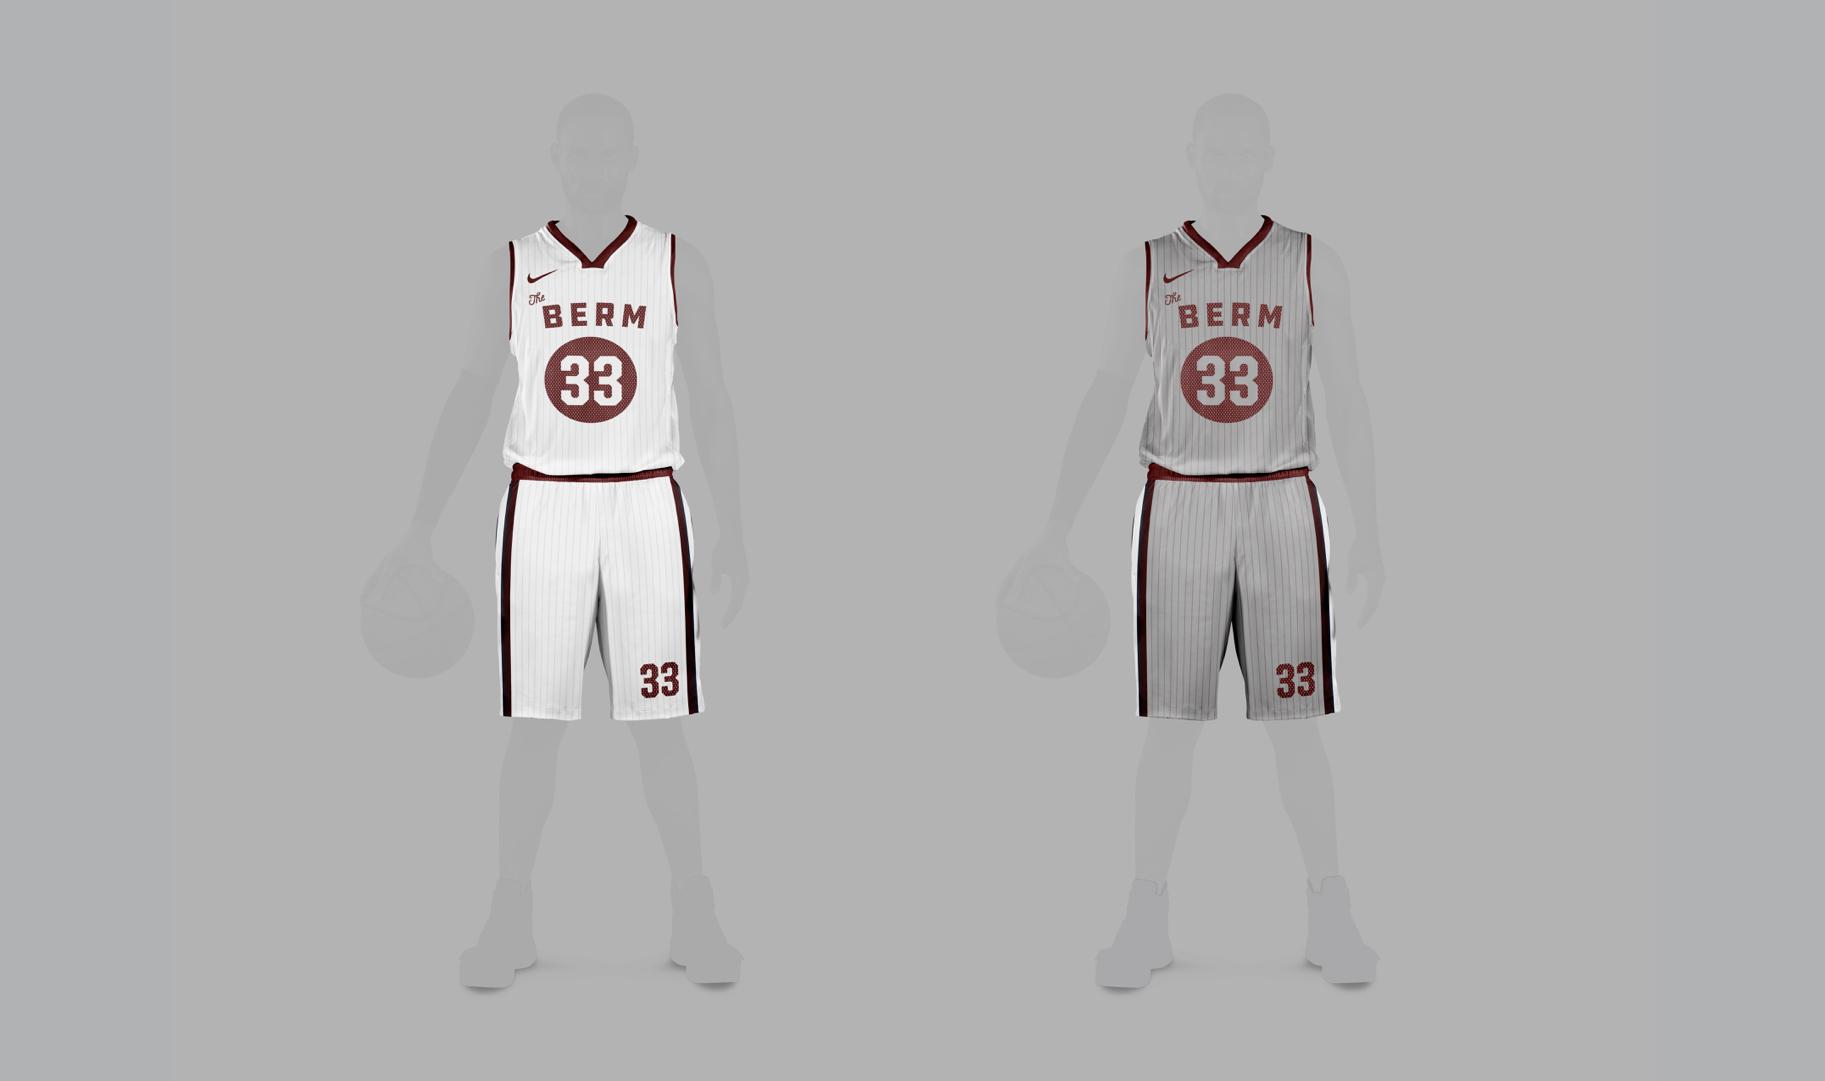 Away and Home basketball uniform